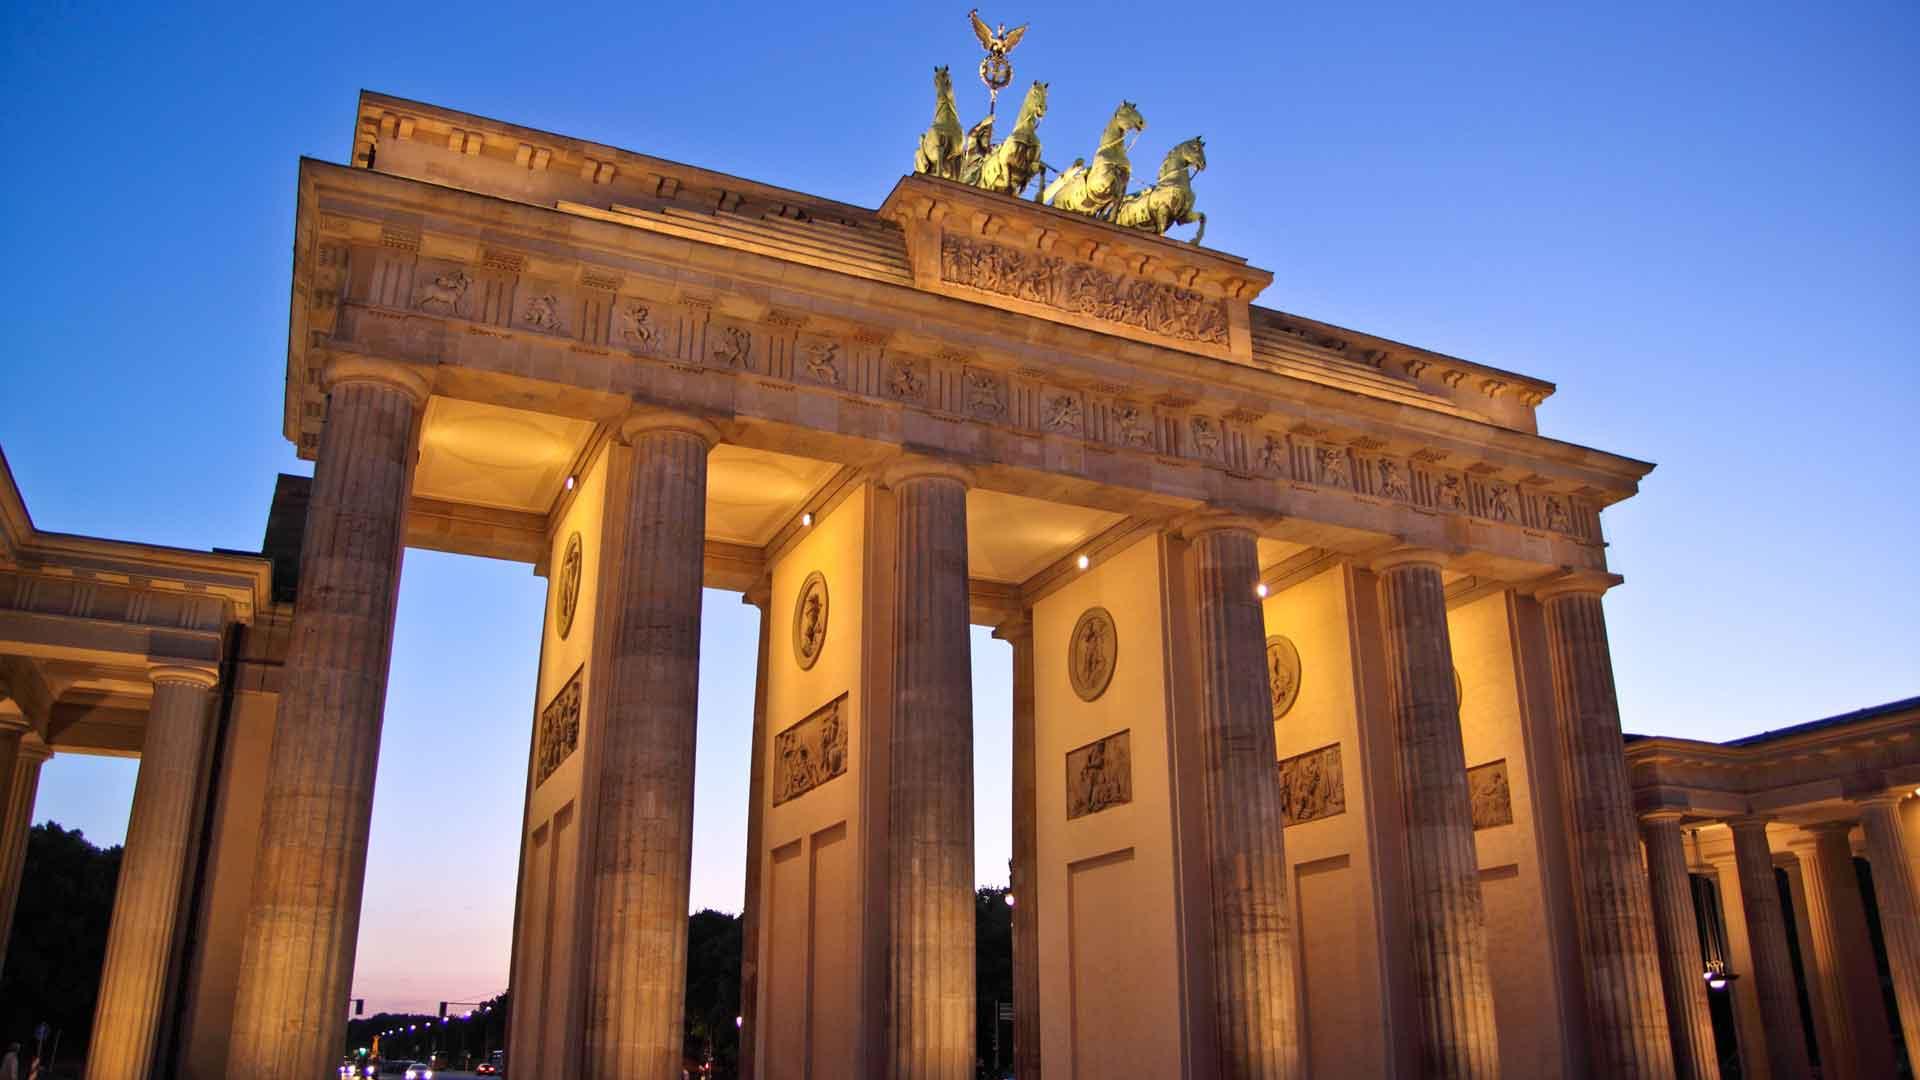 Het Brandenburger Tor is het symbool van Berlijn